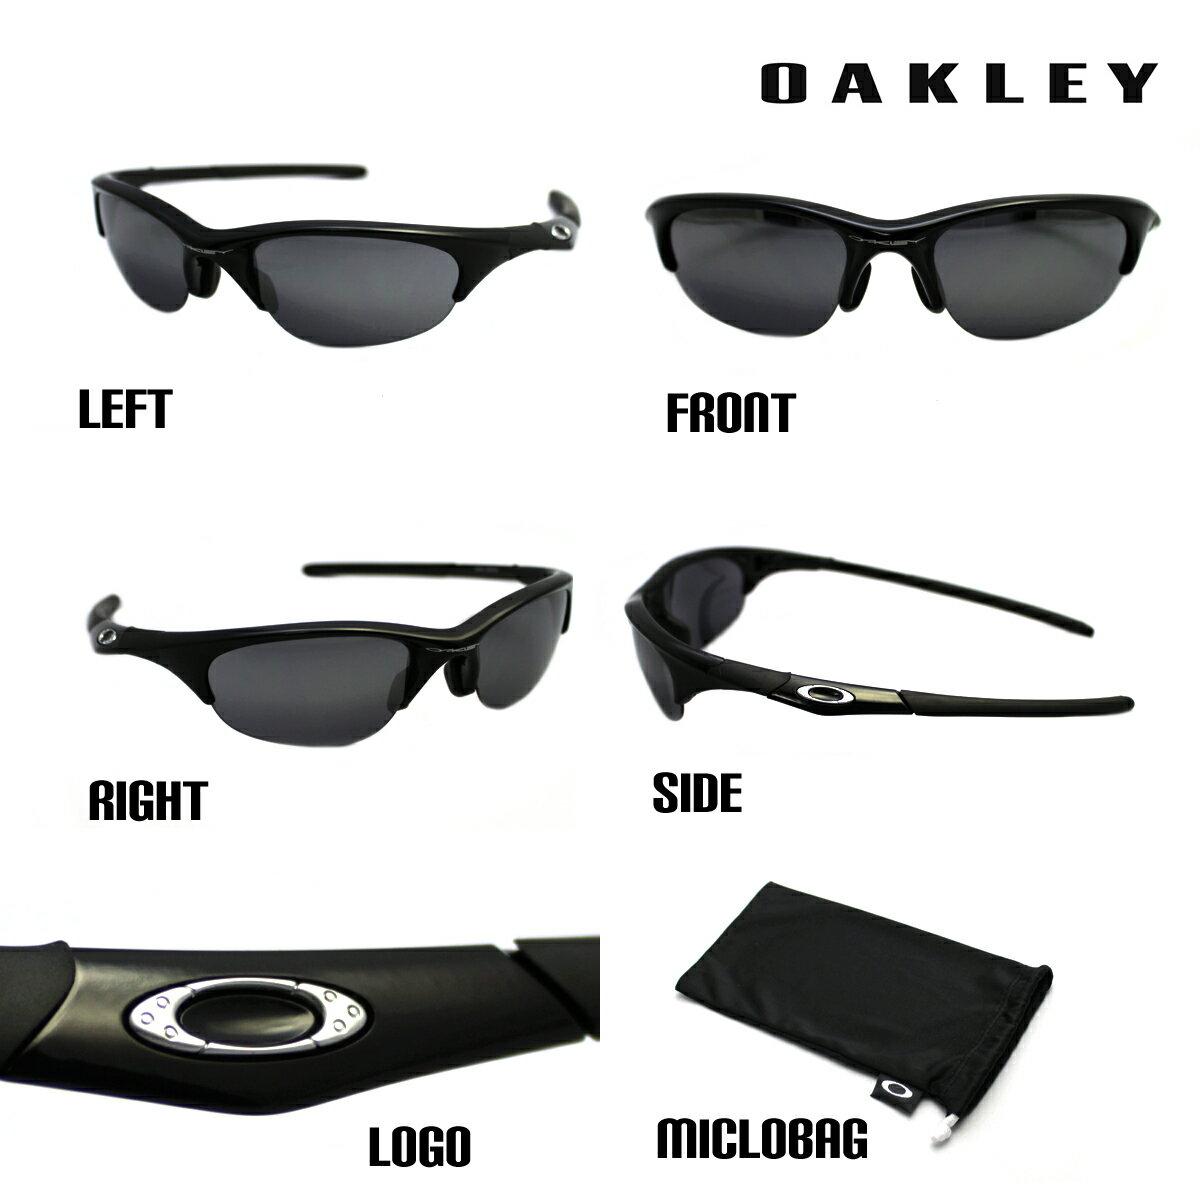 Oakley Jury Sunglasses Parts | Cepar